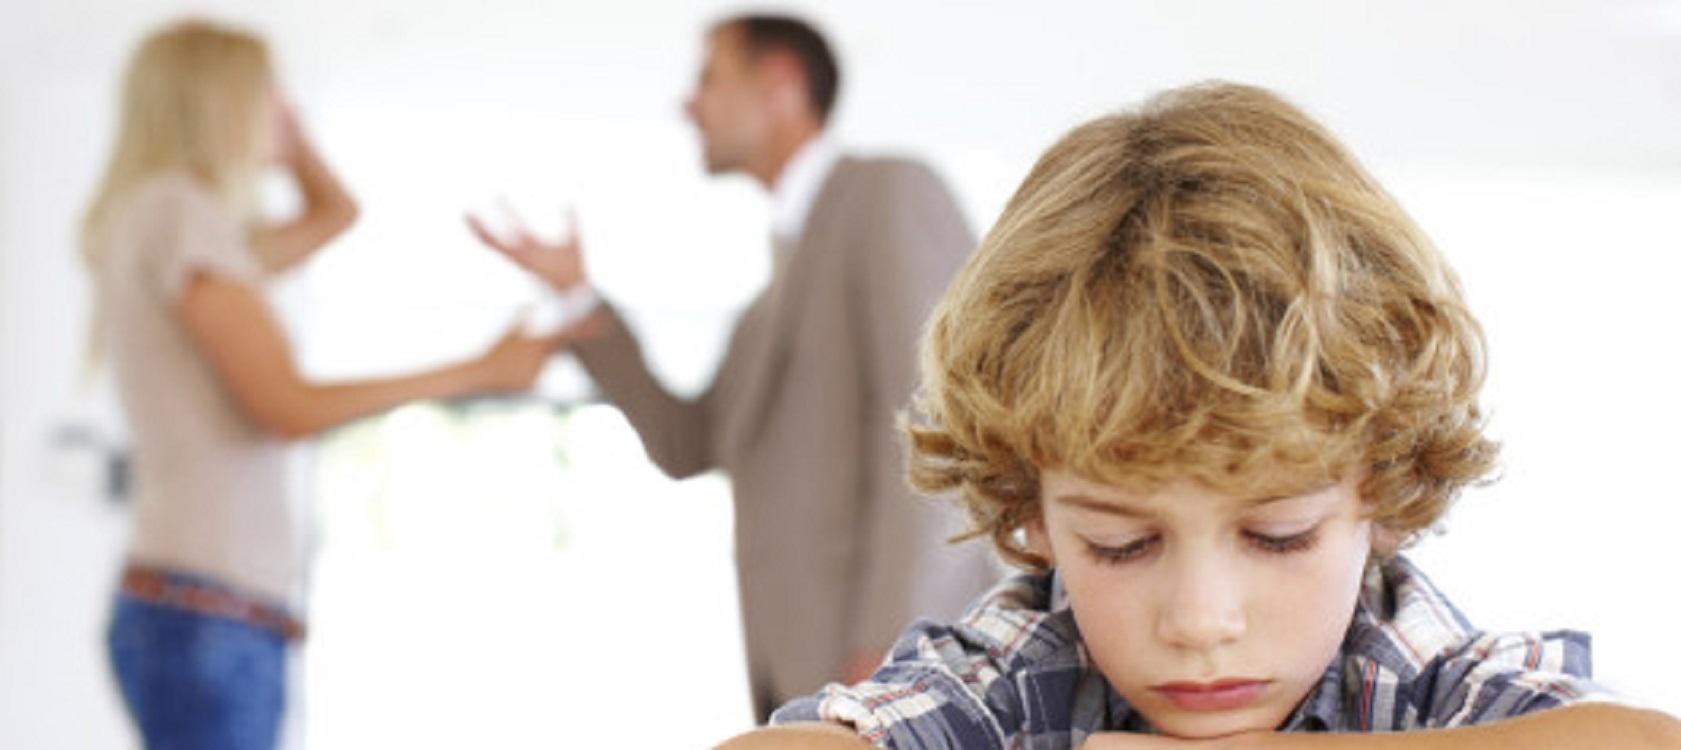 حضانة الأب للأطفال بعد الطلاق والحالات التي تتنقل فيها الحضانة من الأم إلى الأب زيادة